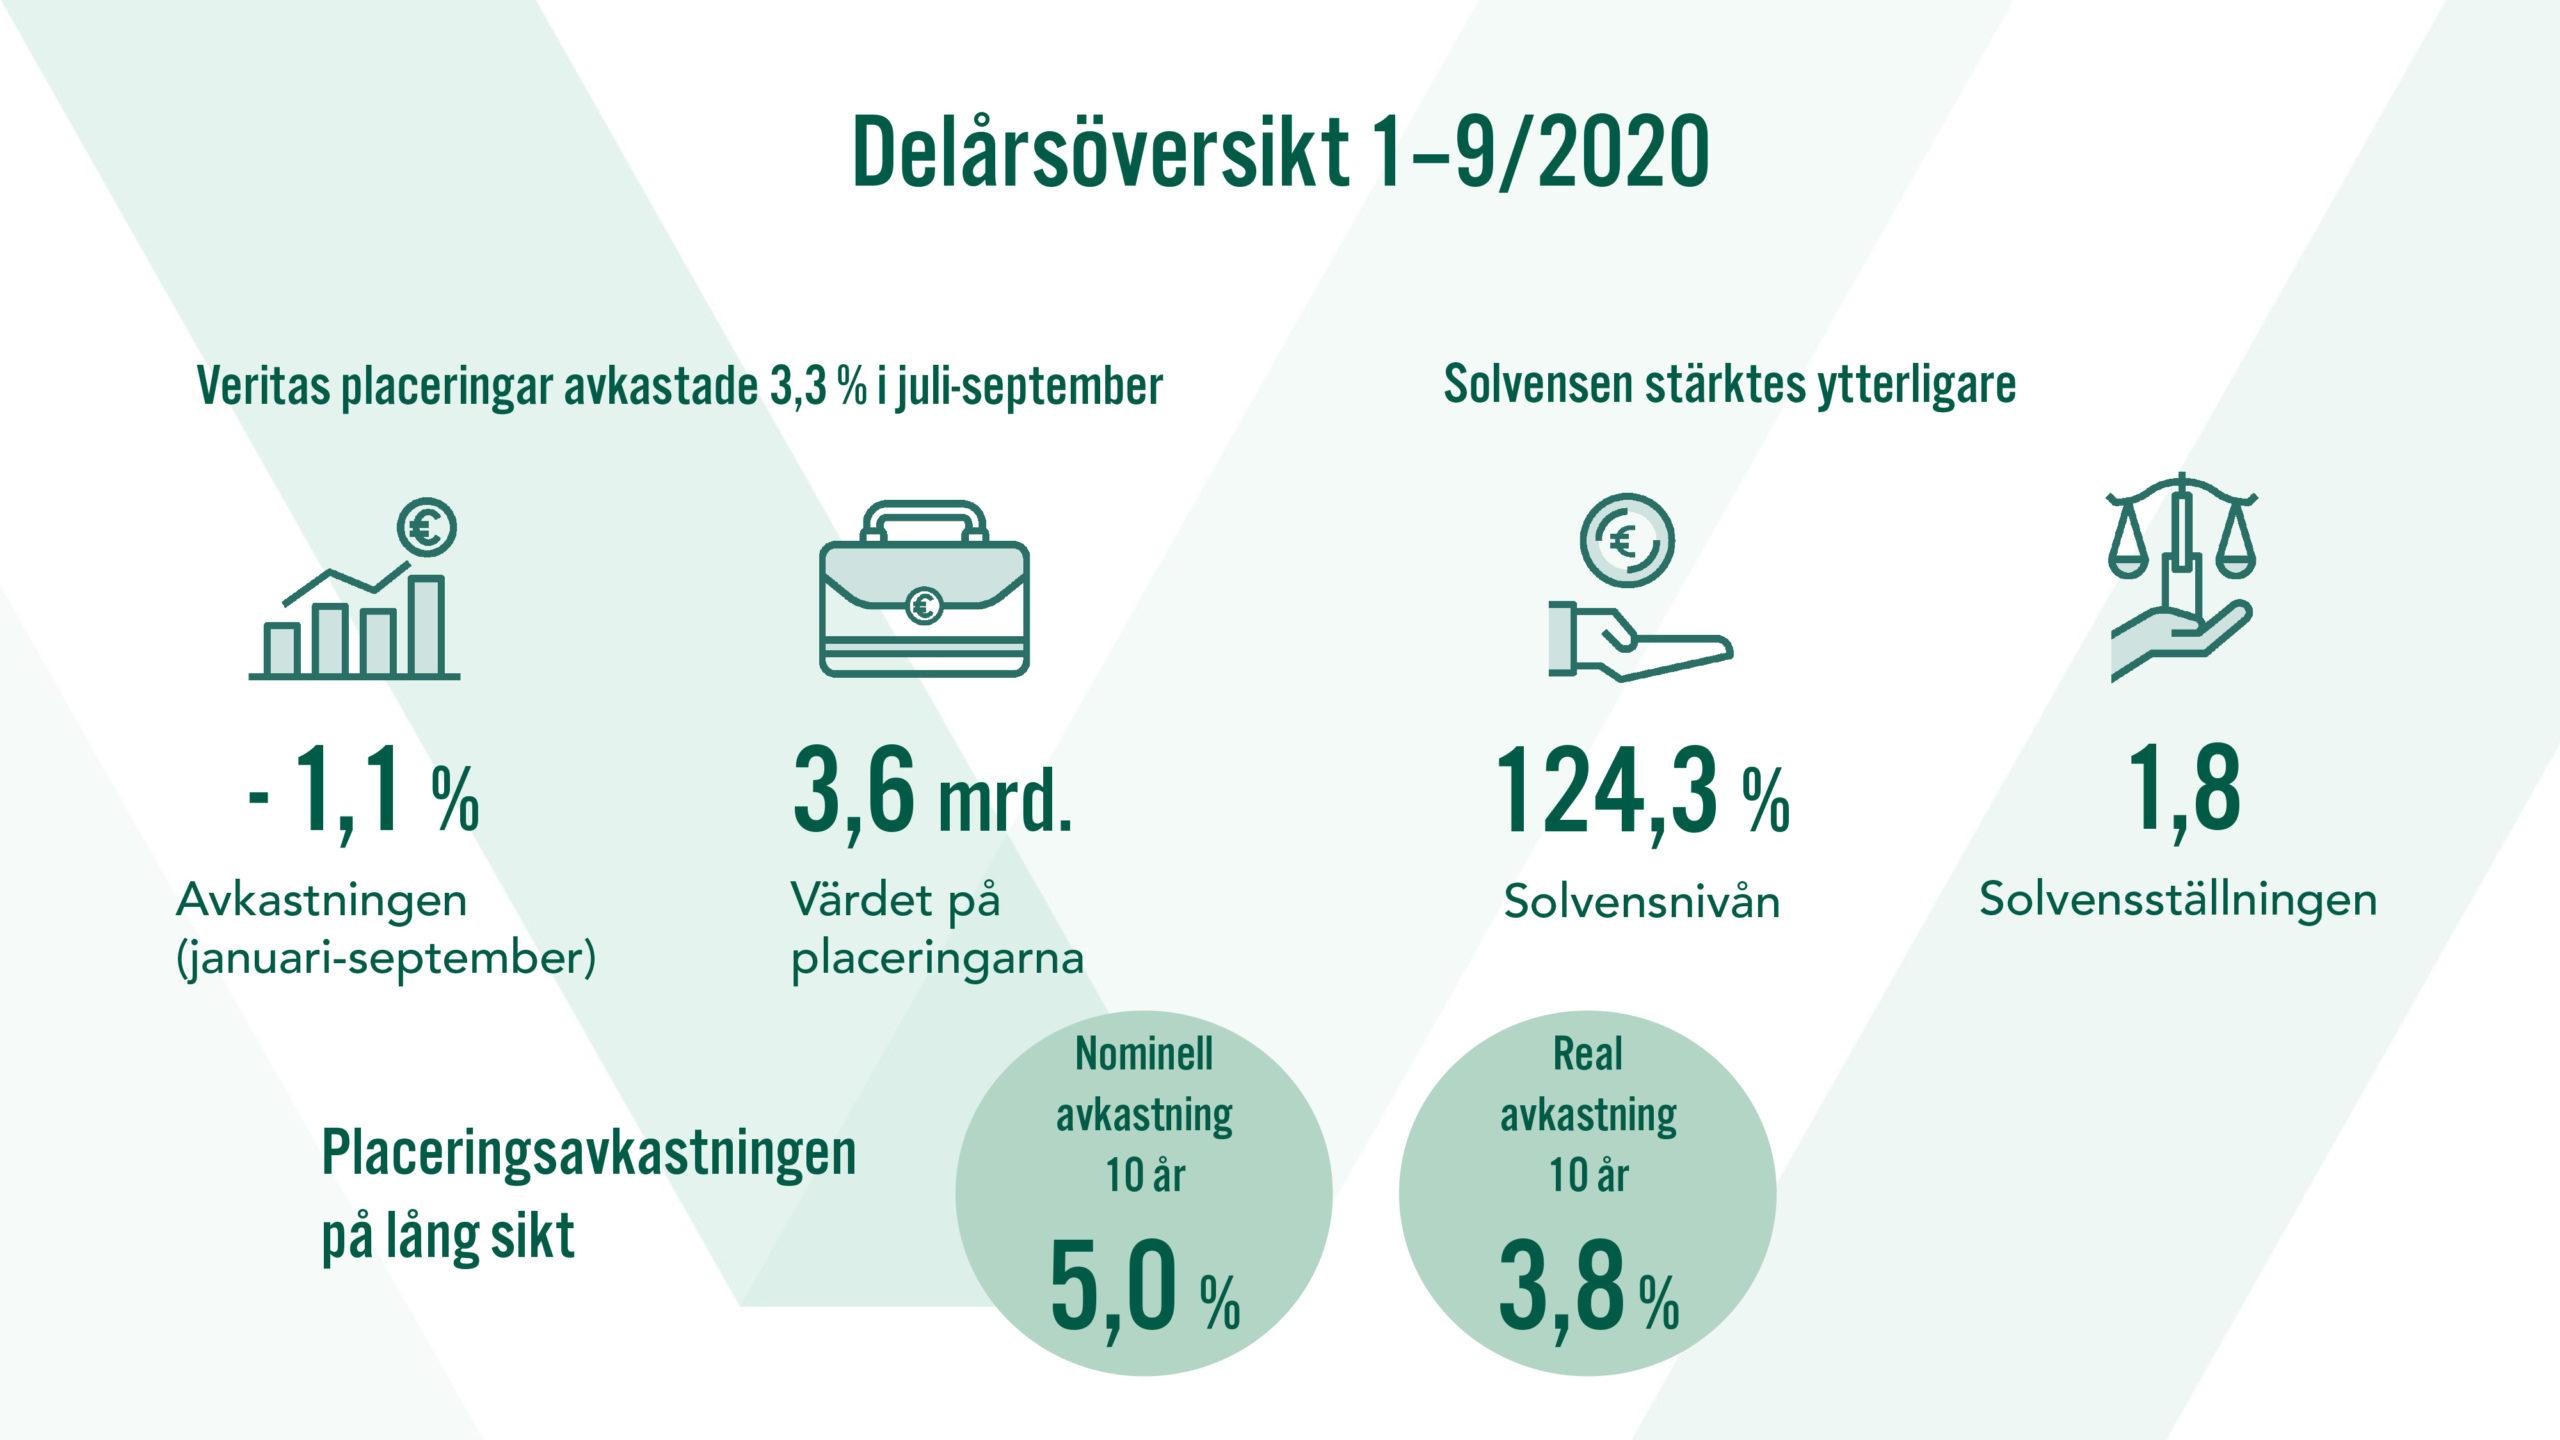 Delårsöversikt 1-9/2020. Veritas placeringar avkastade 3,3 % i juli-september. Solvensen stärktes ytterligare.